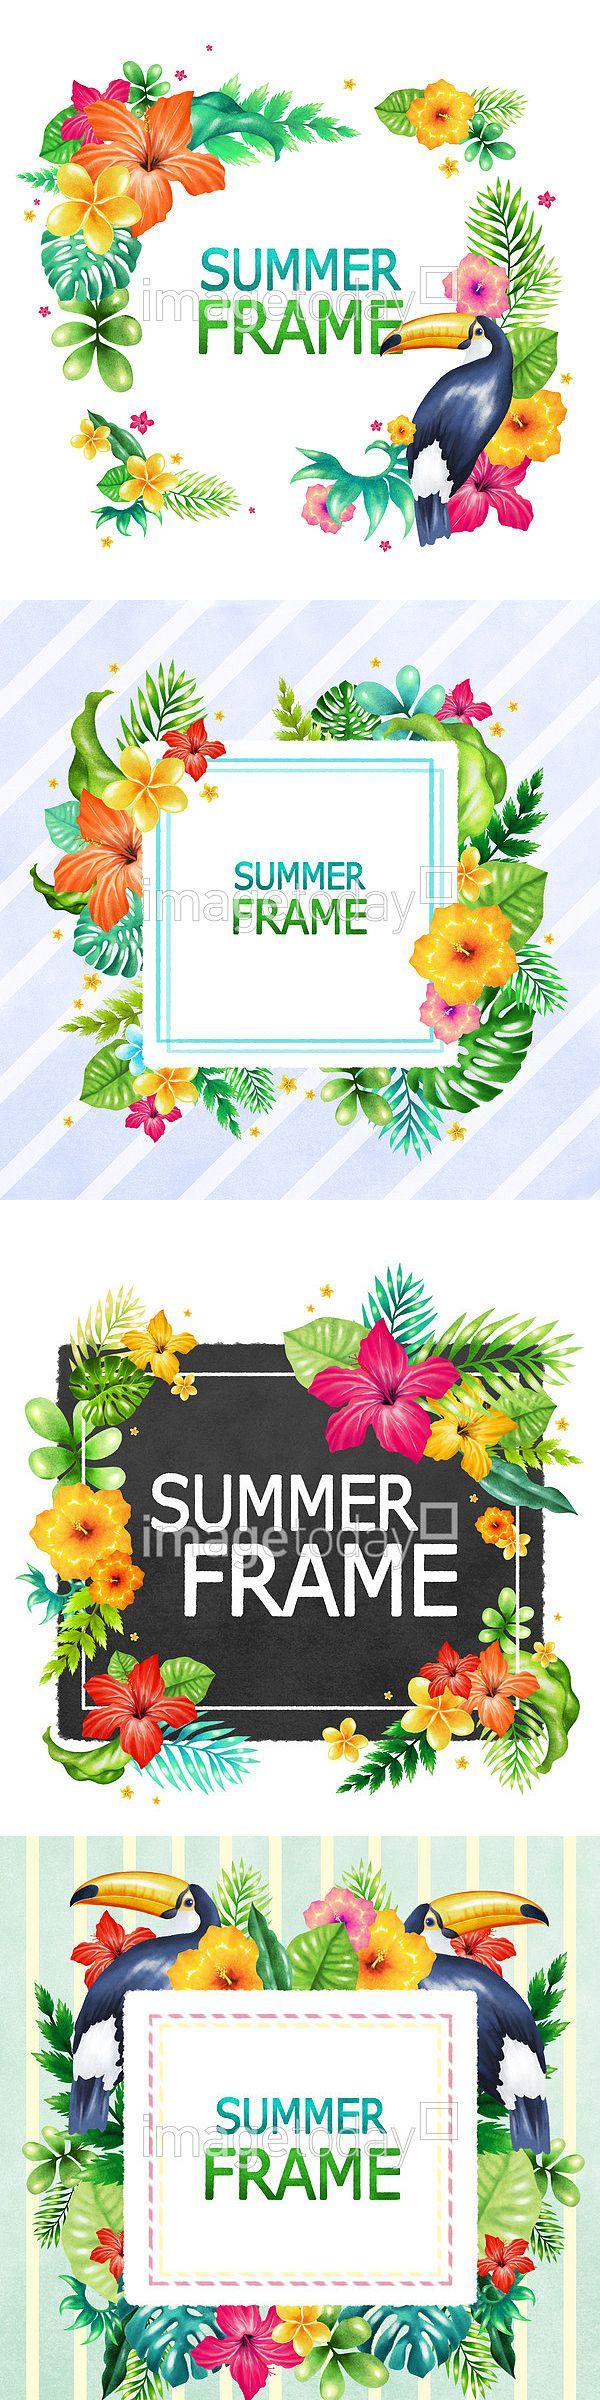 계절 꽃 도형 동물 무늬 문자 백그라운드 식물 여름 열대지방 영어 잎 자연 조류 줄무늬 카드 페인터 프레임 플루메리아 하와이 히비스커스…